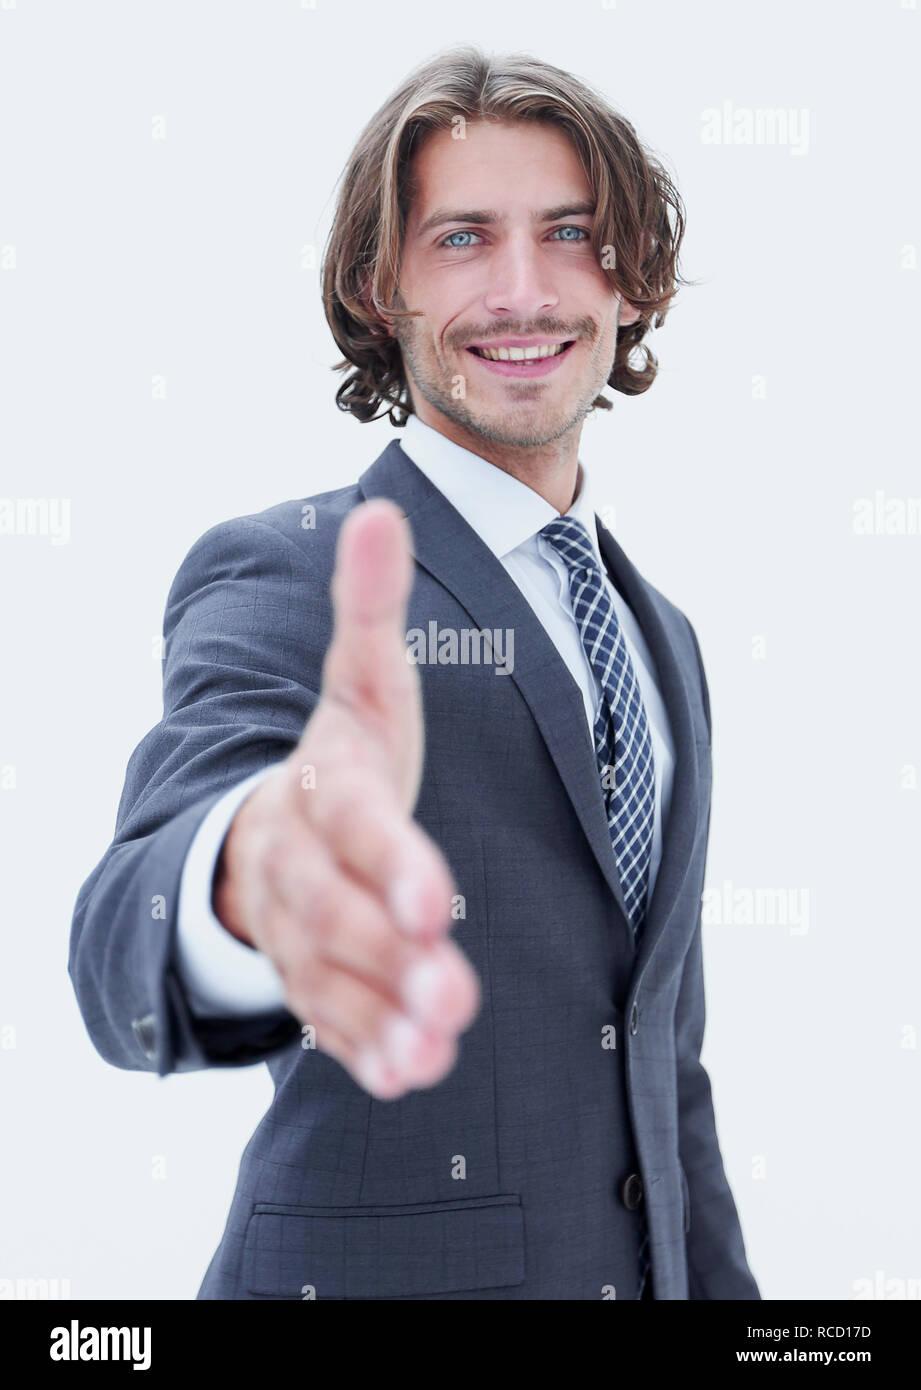 Freundlich lächelnd Geschäftsmann bietet einen Handshake Stockbild